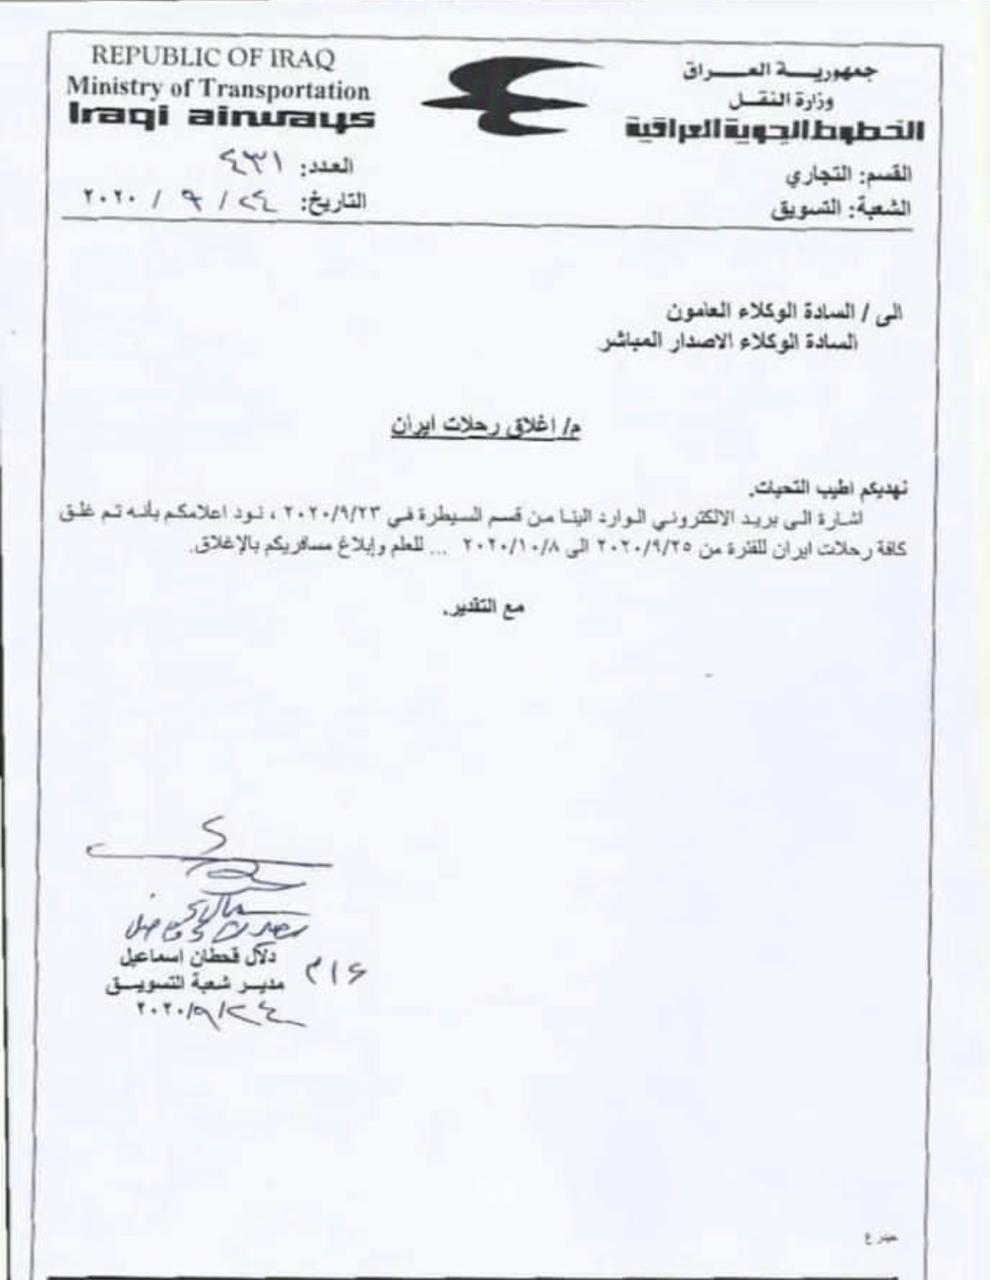 العراقية تغلق رحلات ايران 14 يوماً